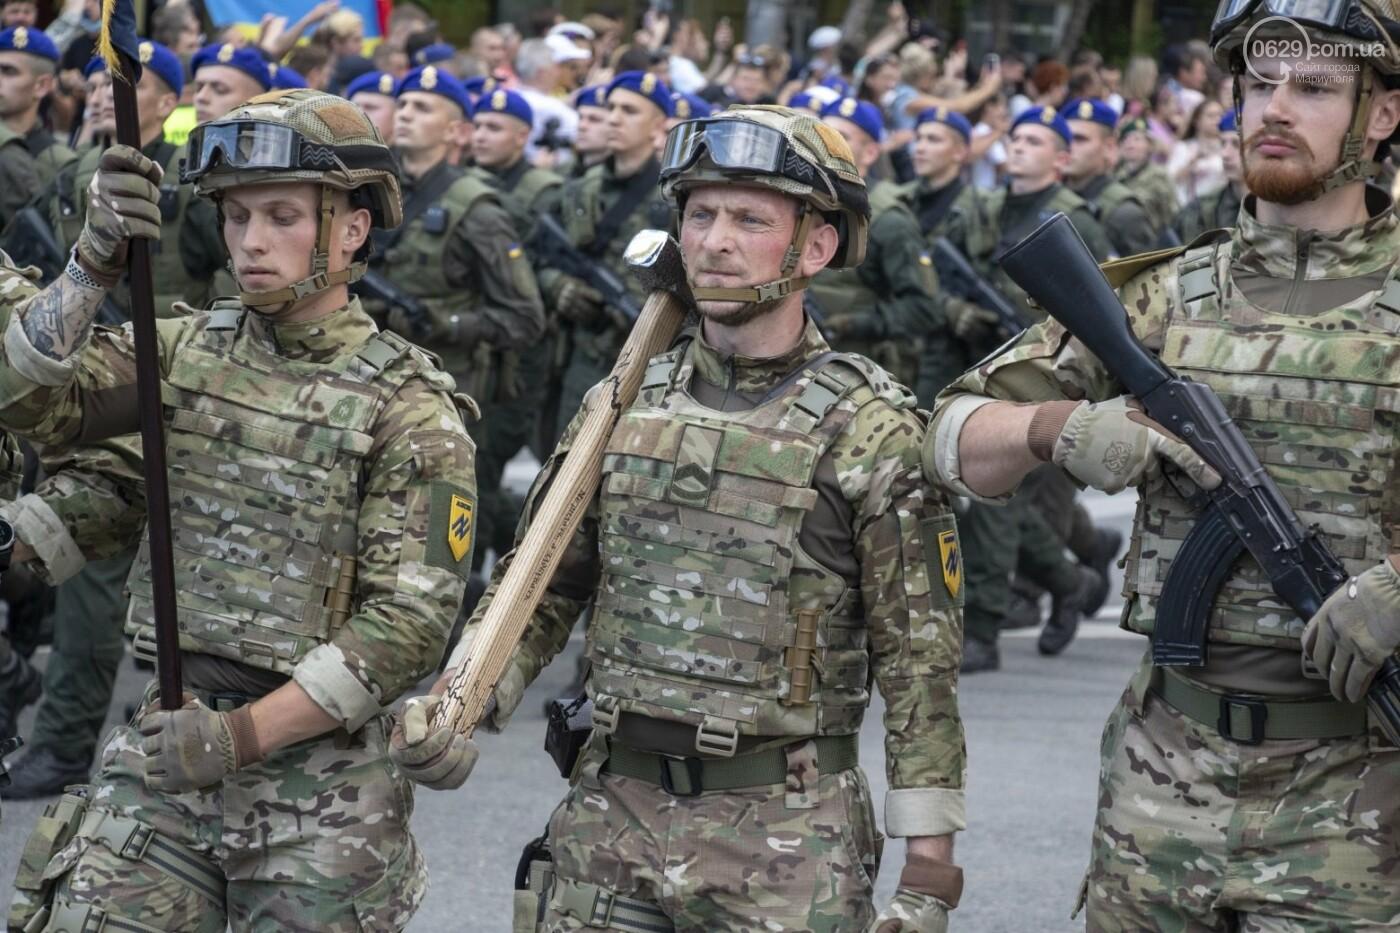 Без мэра. Как прошла в Мариуполе 7-я годовщина освобождения города от террористов и сепаратистов, - ФОТОРЕПОРТАЖ, фото-22